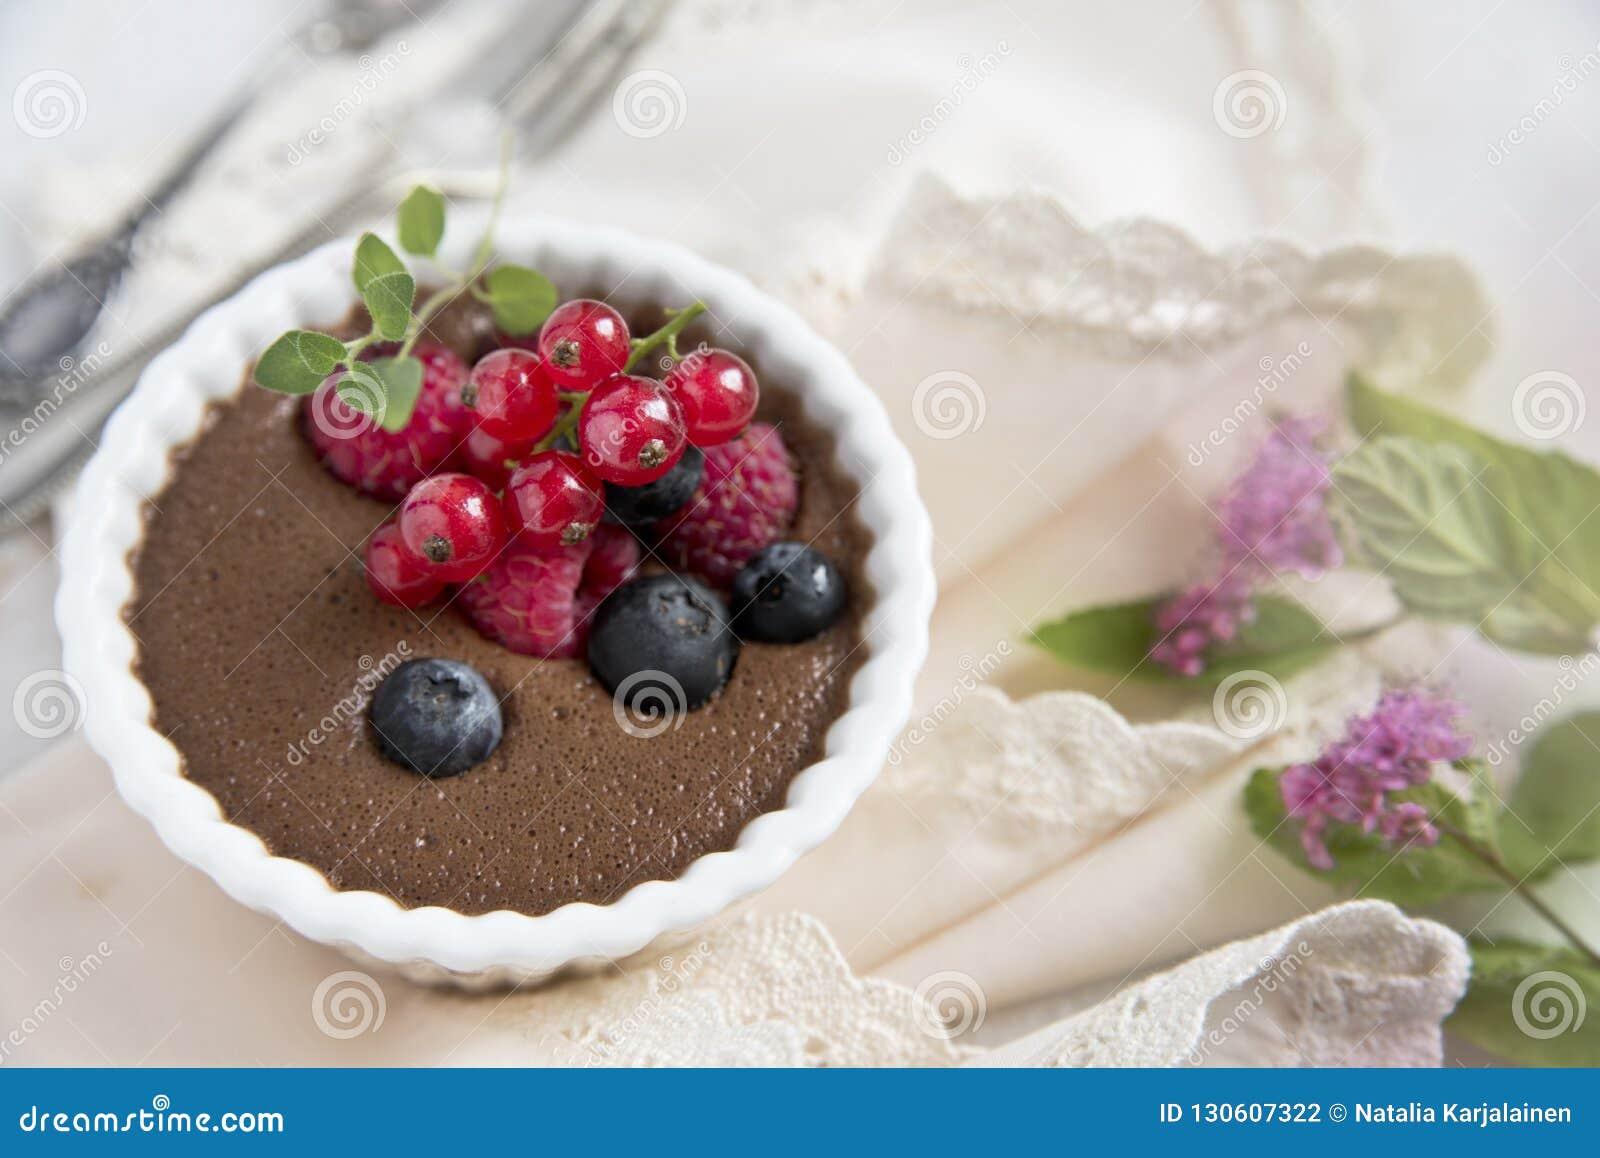 Musse de chocolate com bagas em um guardanapo claro e uma colher e uma forquilha velhas